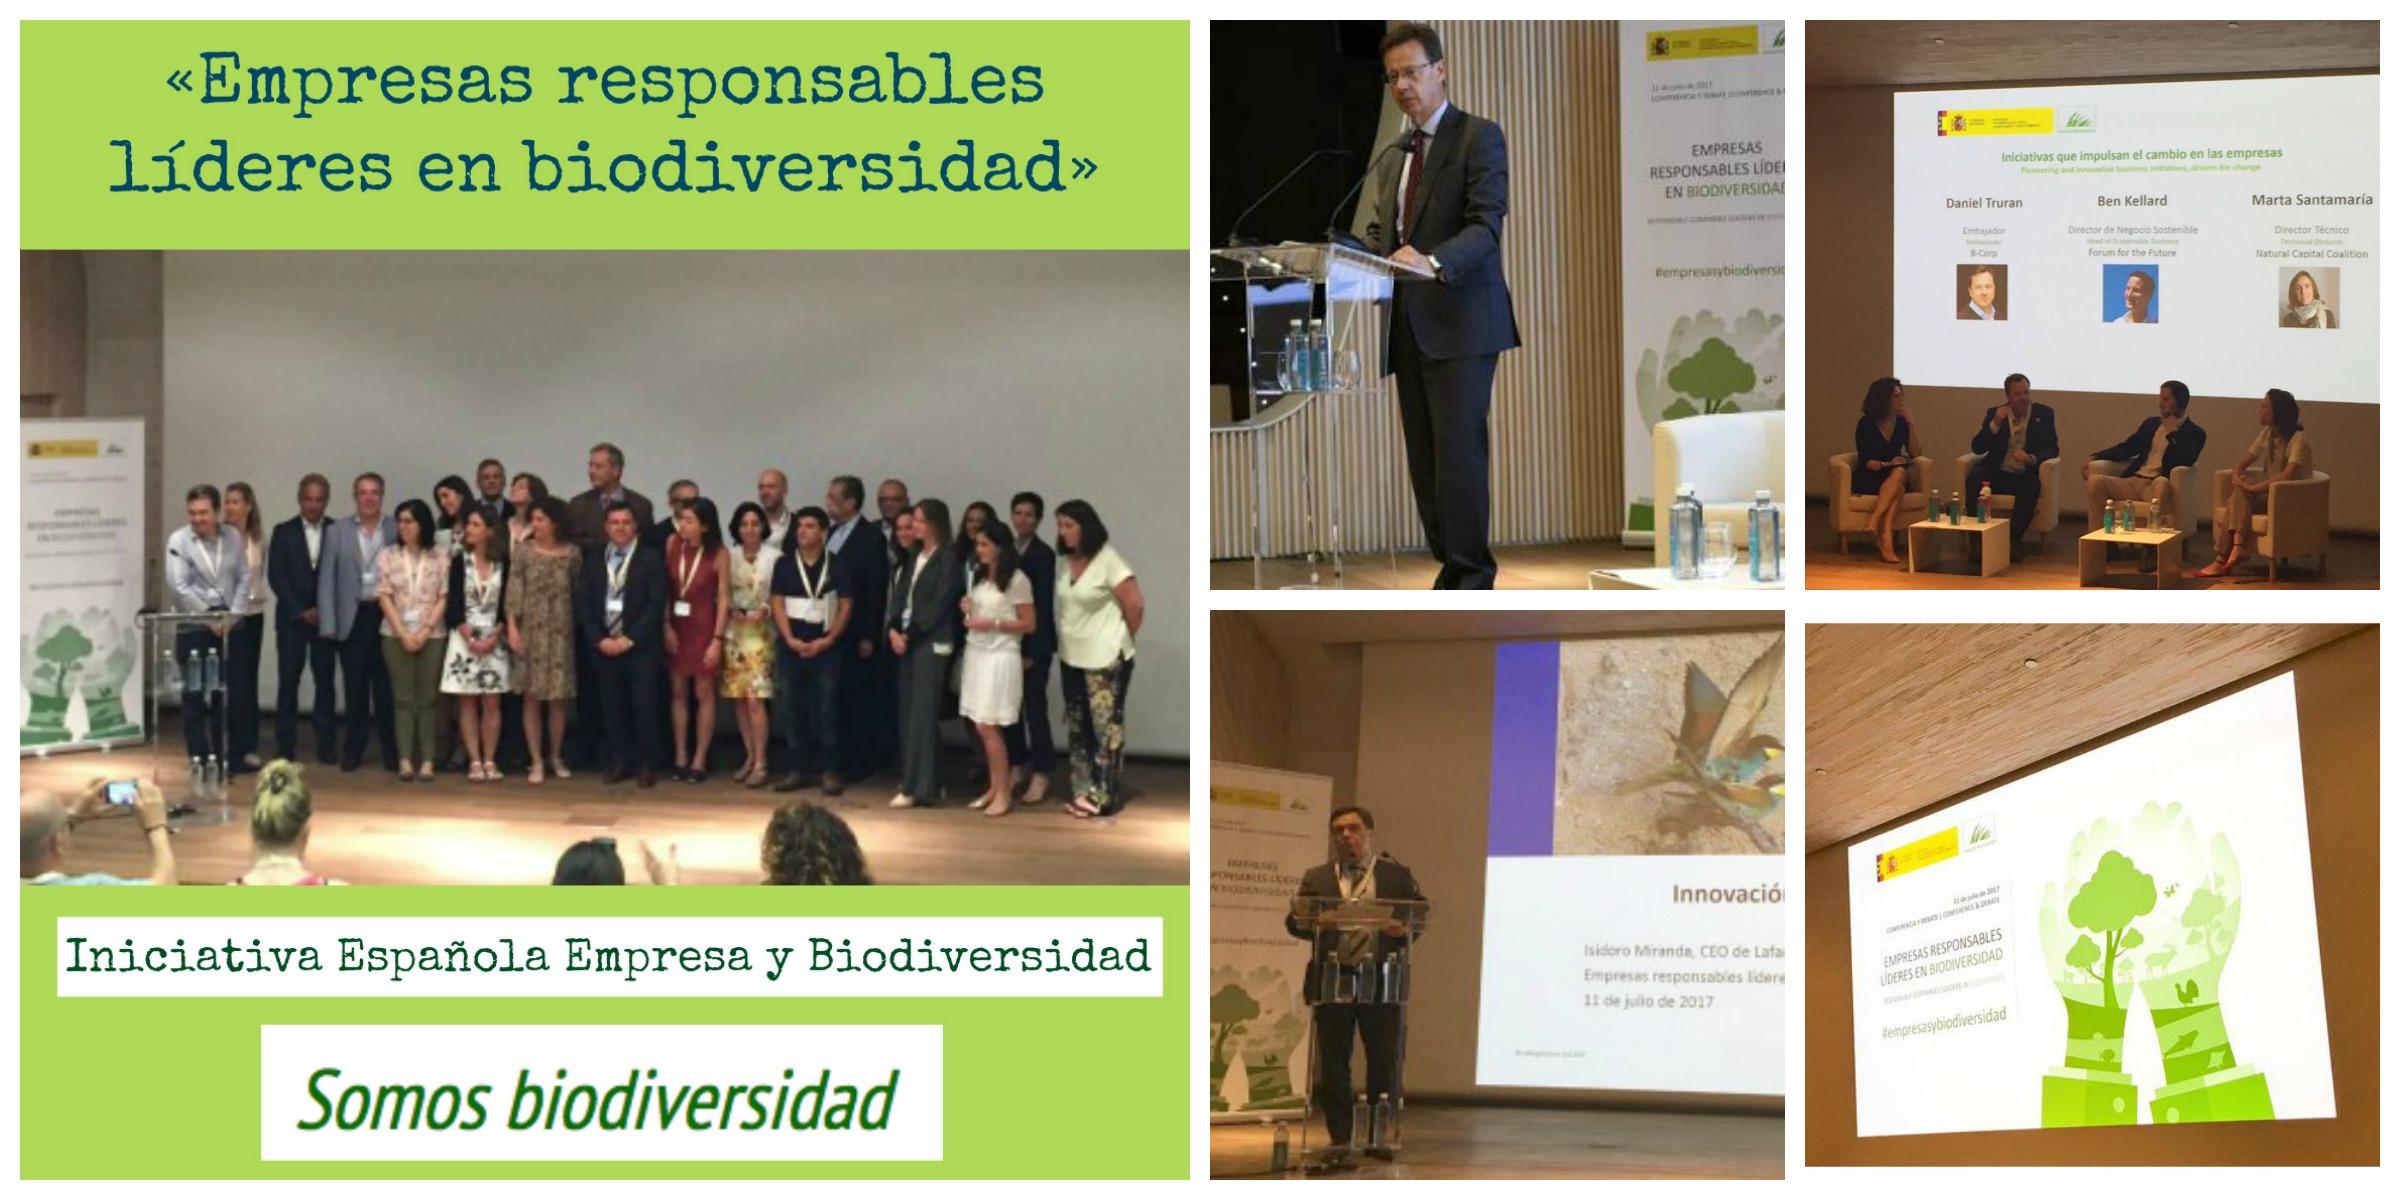 Más de 100 profesionales de la conservación, emprendedores y expertos dedicados a abordar la biodiversidad asistieron a la jornada organizada por la Iniciativa Española Empresa y Biodiversidad.